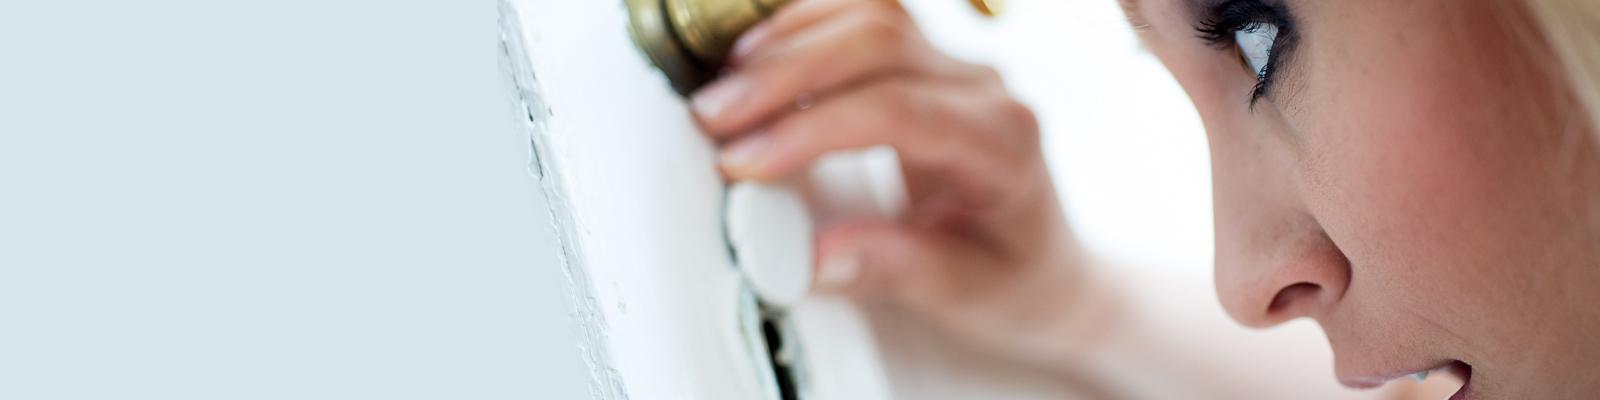 Eine Frau spinkst durch ein Schlüsselloch.